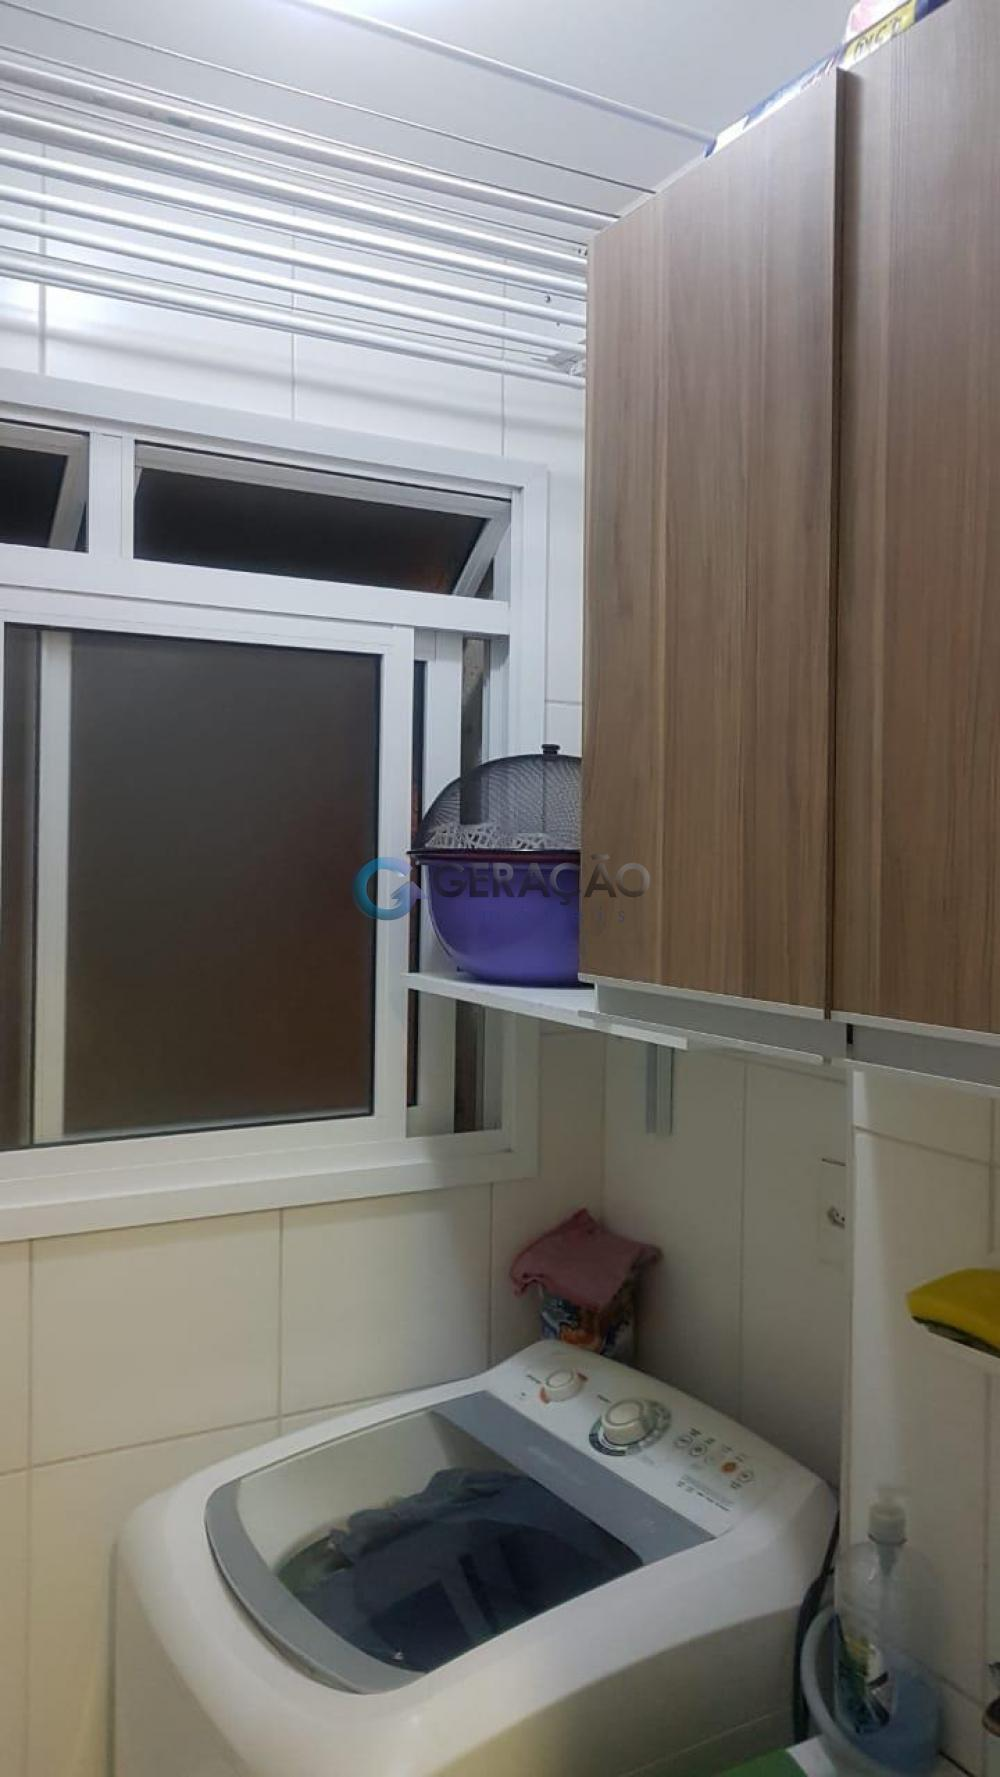 Comprar Apartamento / Padrão em São José dos Campos R$ 340.000,00 - Foto 17